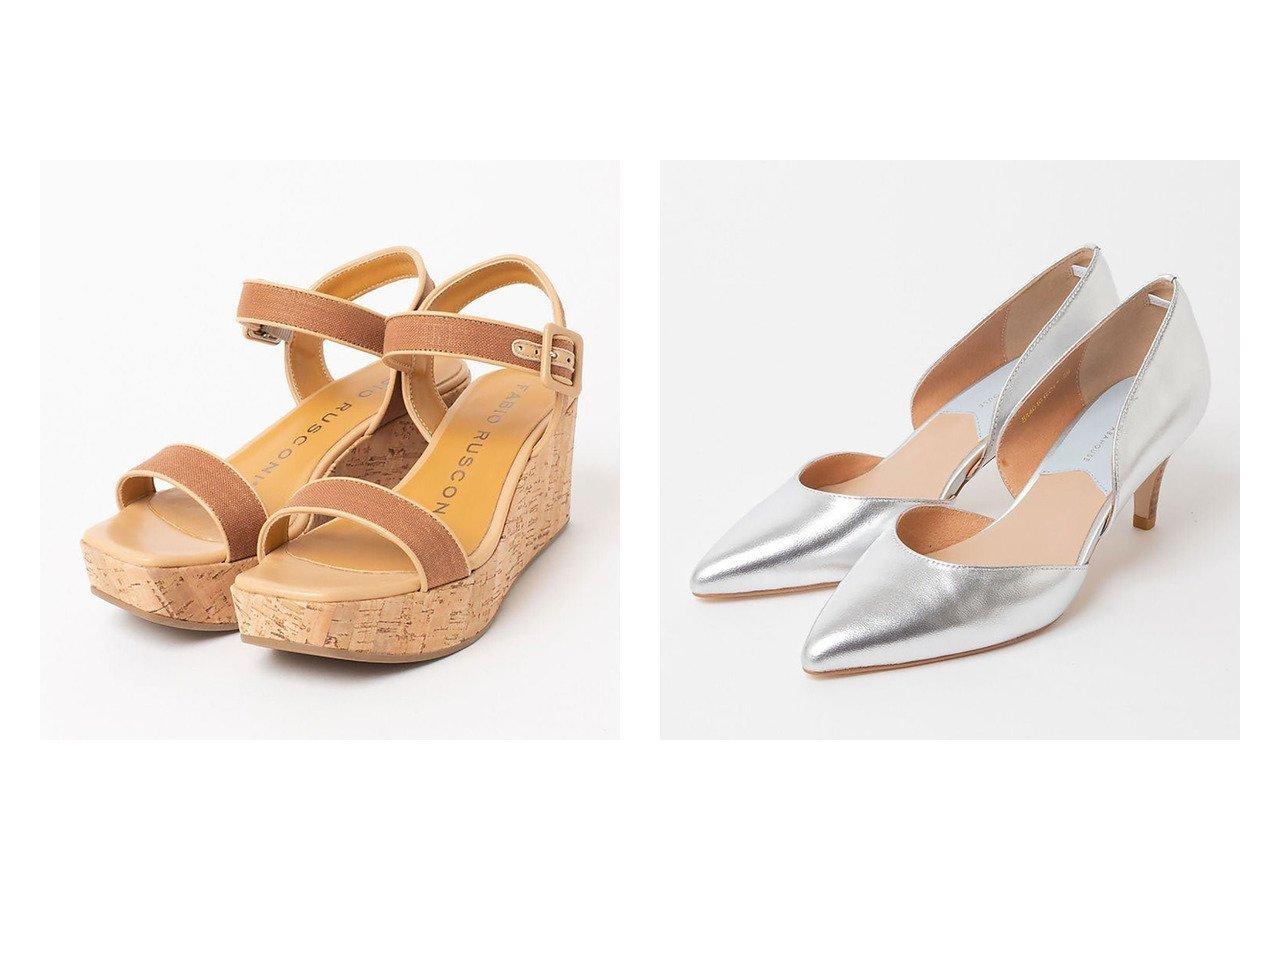 【Piche Abahouse/ピシェ アバハウス】の配色セパレートパンプス&【FABIO RUSCONI】パイピング サンダル シューズ・靴のおすすめ!人気、トレンド・レディースファッションの通販 おすすめで人気の流行・トレンド、ファッションの通販商品 メンズファッション・キッズファッション・インテリア・家具・レディースファッション・服の通販 founy(ファニー) https://founy.com/ ファッション Fashion レディースファッション WOMEN イタリア コレクション サンダル シューズ シンプル パイピング 厚底 セパレート フィット |ID:crp329100000016313